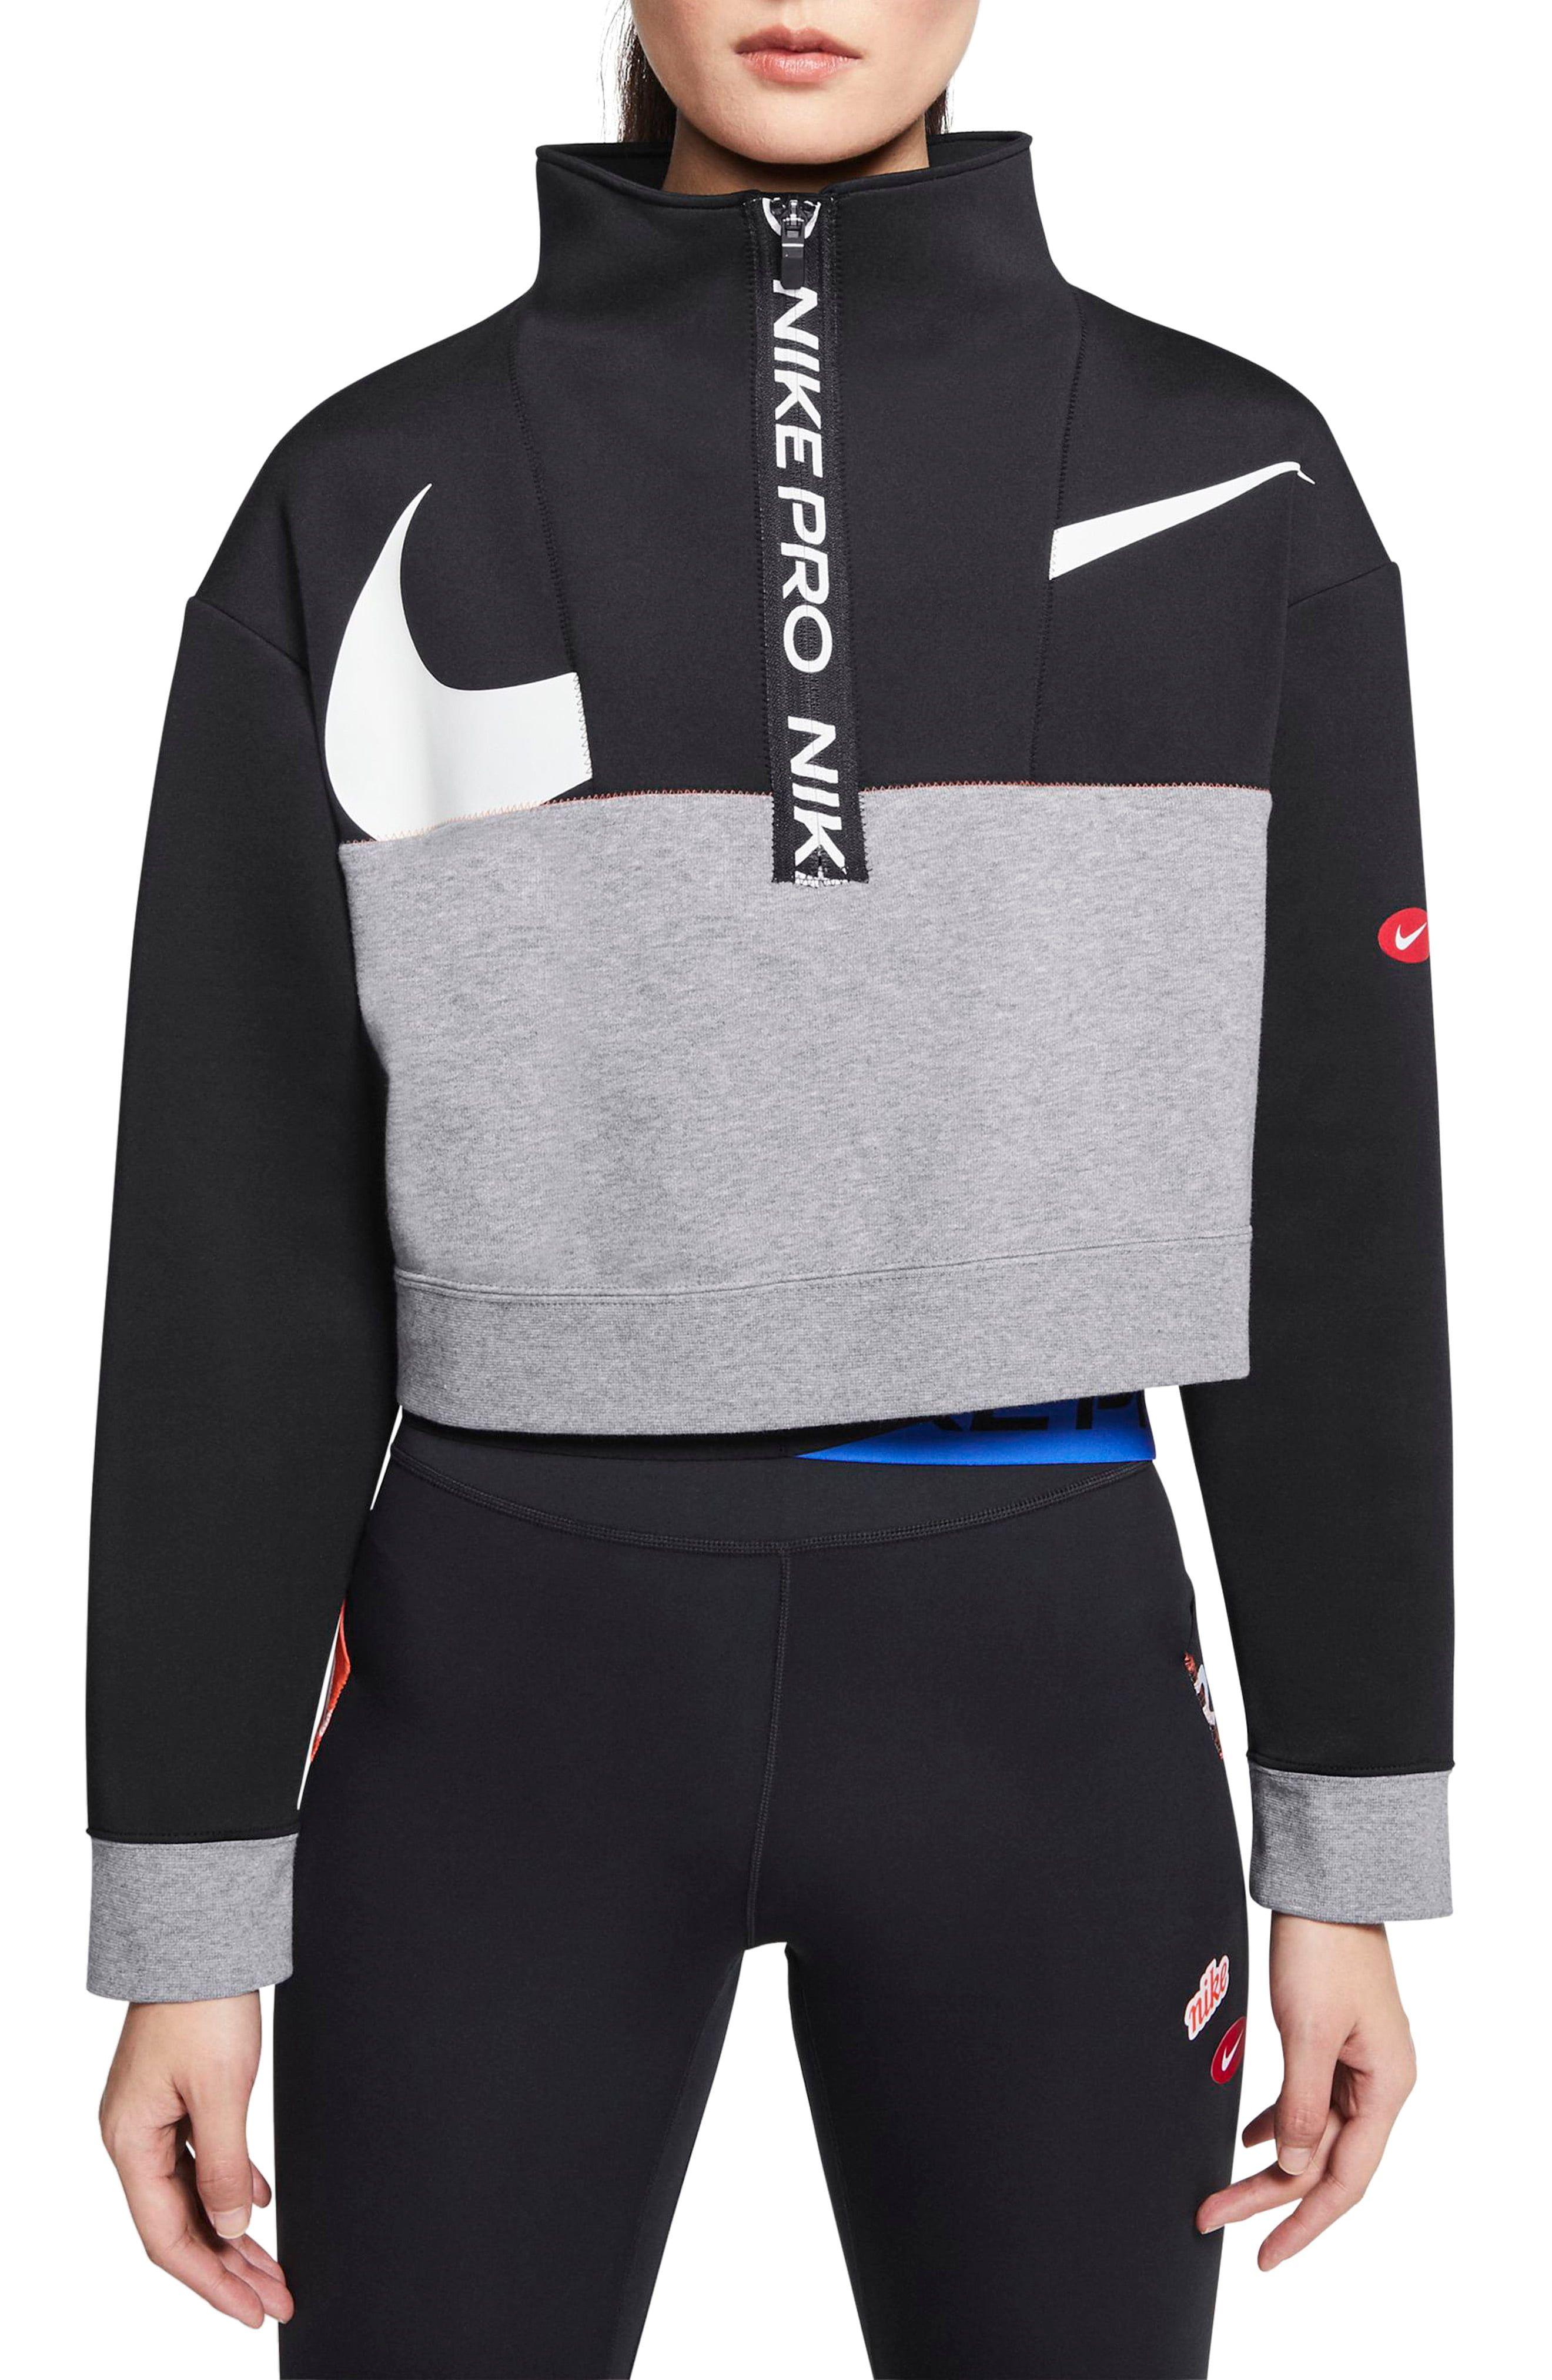 Nike Pro Dri Fit Get Fit Crop Fleece Half Zip Pullover Nordstrom Half Zip Pullover Nike Pros Pullover [ 4048 x 2640 Pixel ]